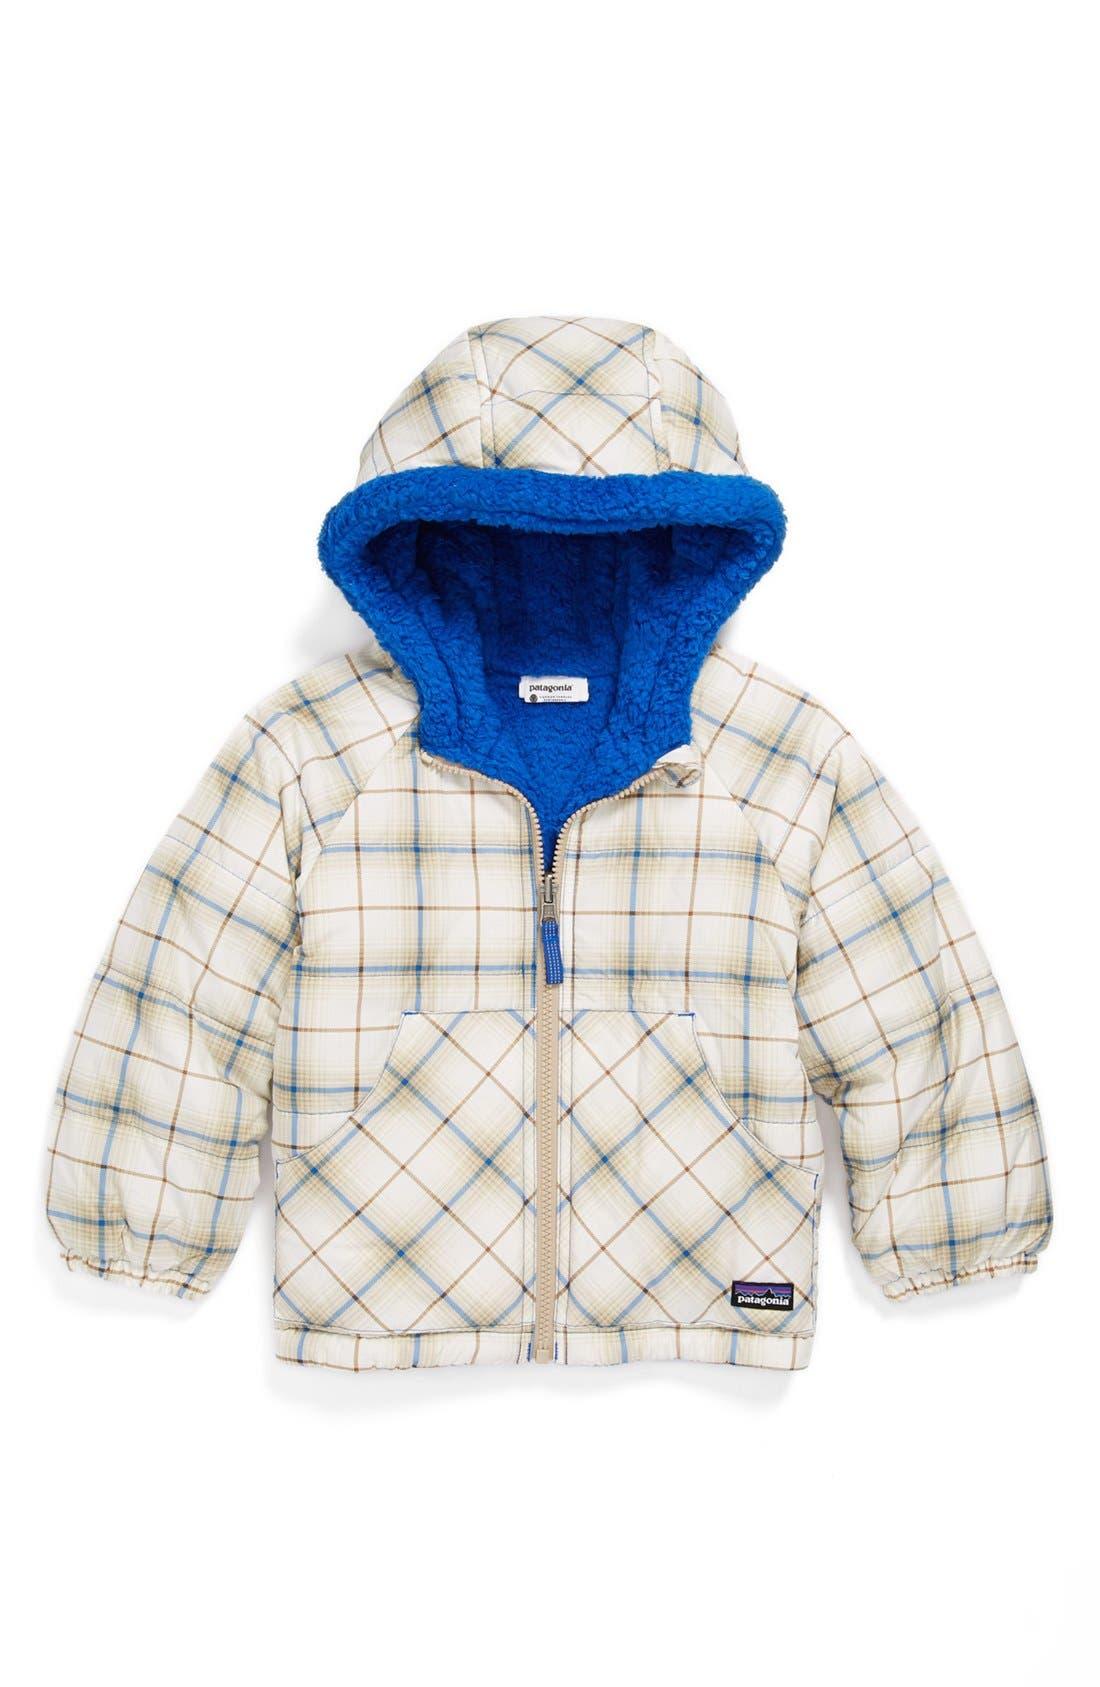 Main Image - Patagonia Reversible Jacket (Toddler)